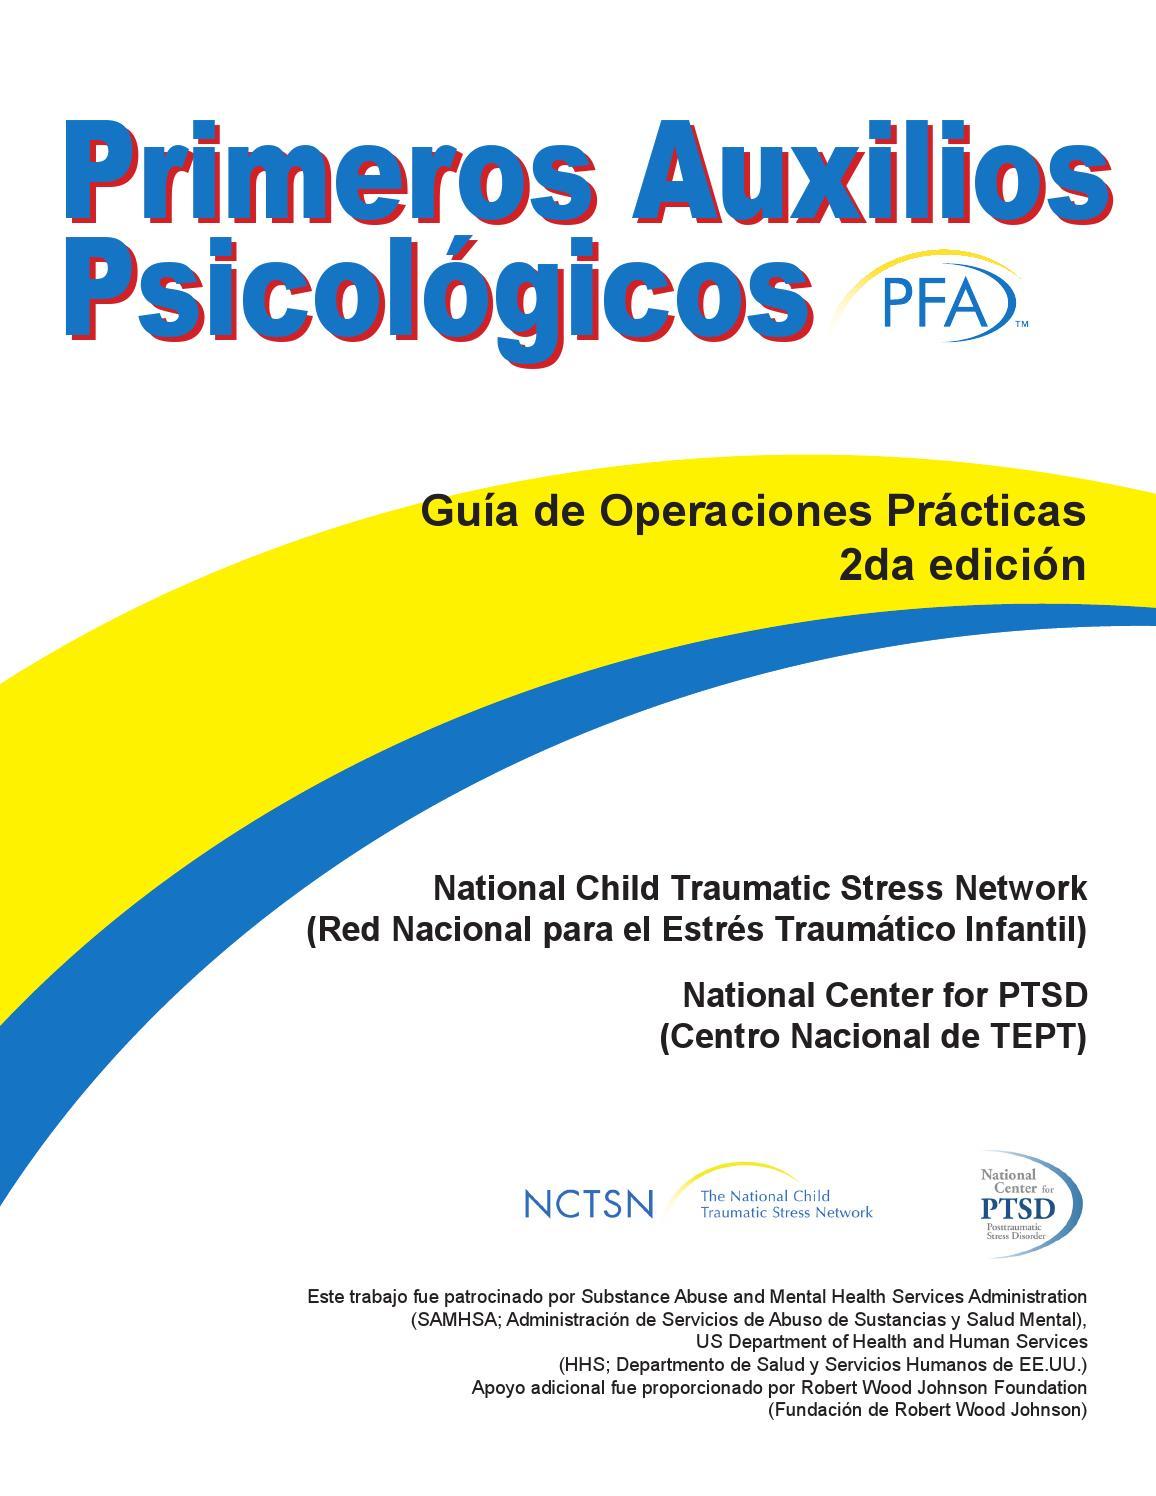 Primeros auxilios psicológicos libro by vamos por la educacion - issuu